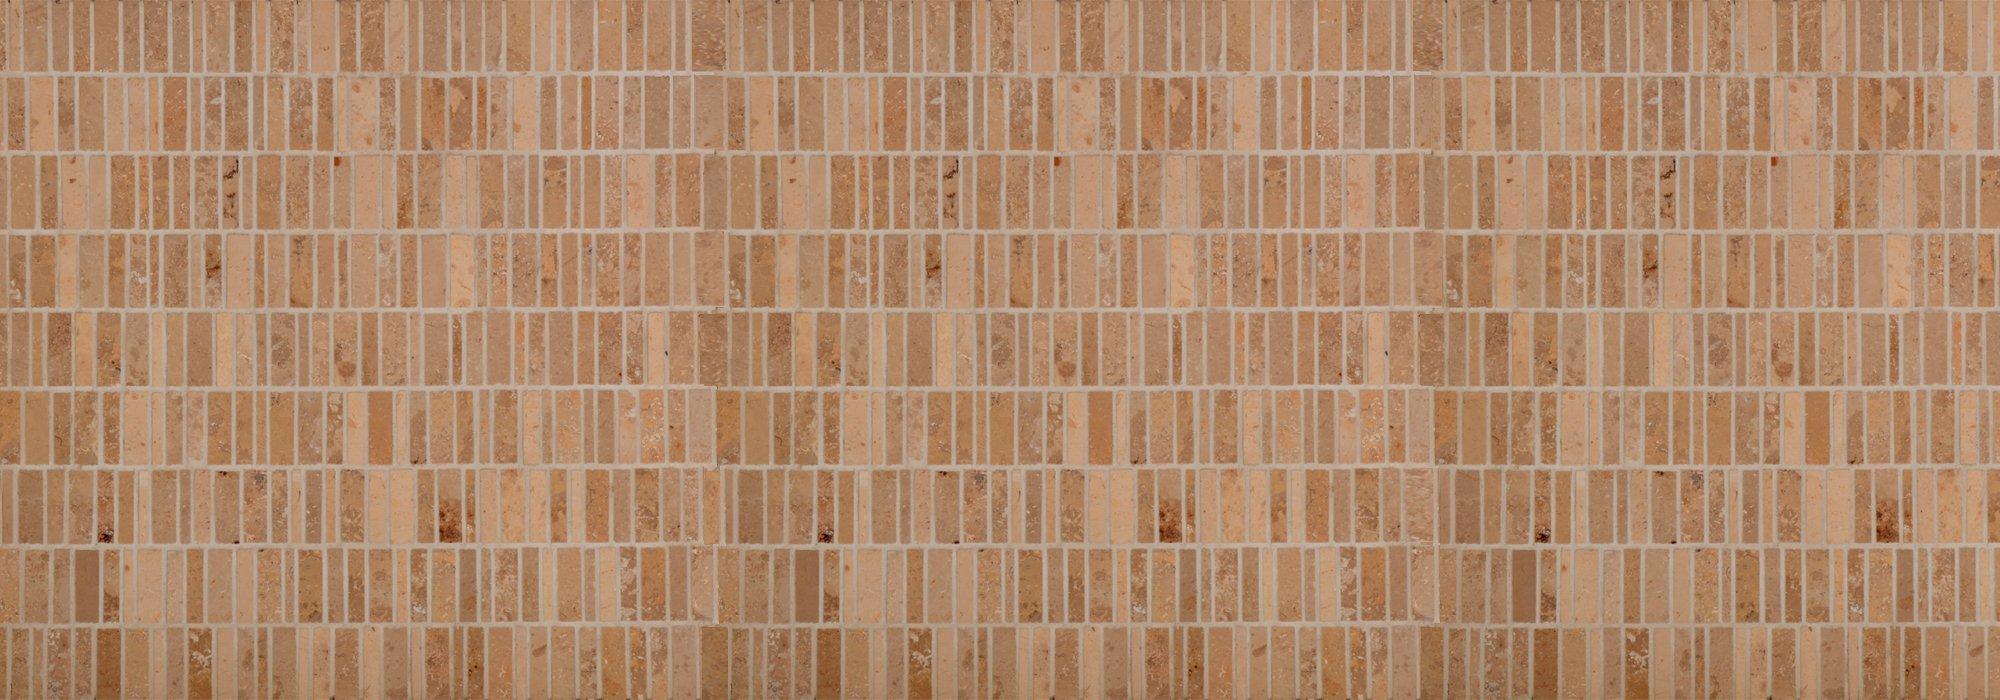 פסיפס אבן מקלות ברלין בז' (גו'רה) by Milstone